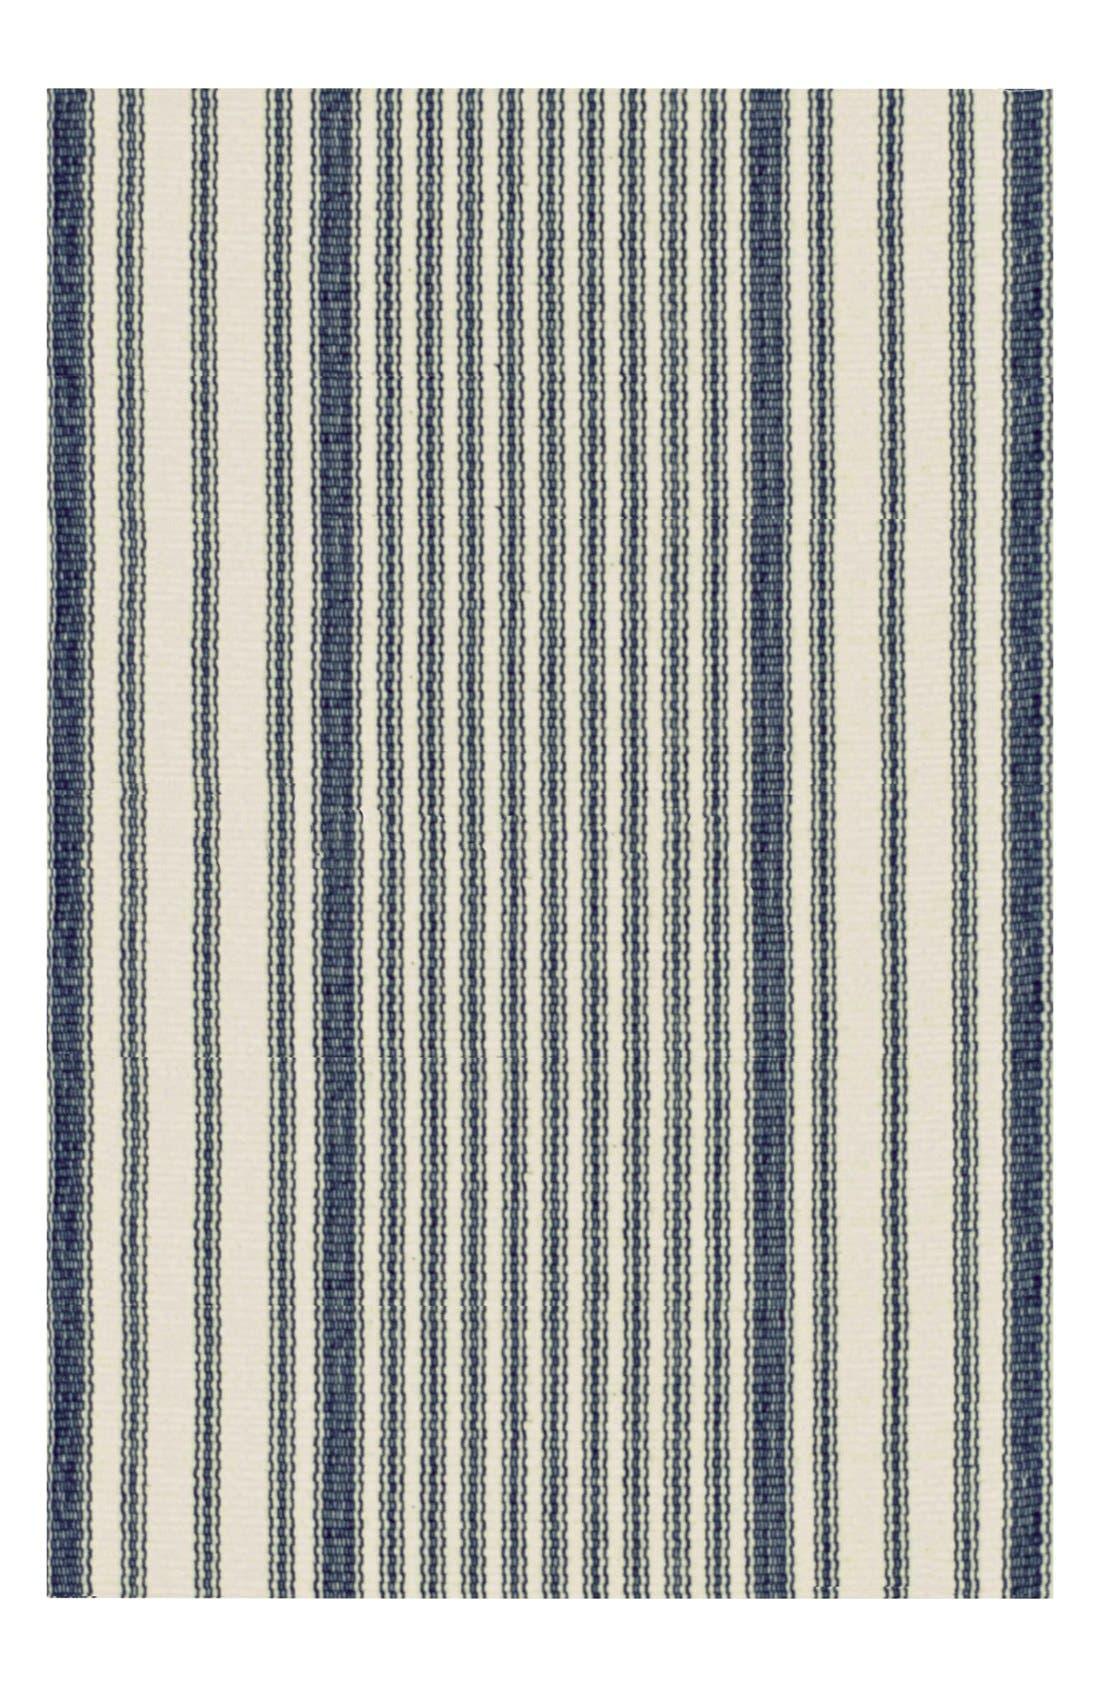 Alternate Image 1 Selected - Dash & Albert Stripe Ticking Rug